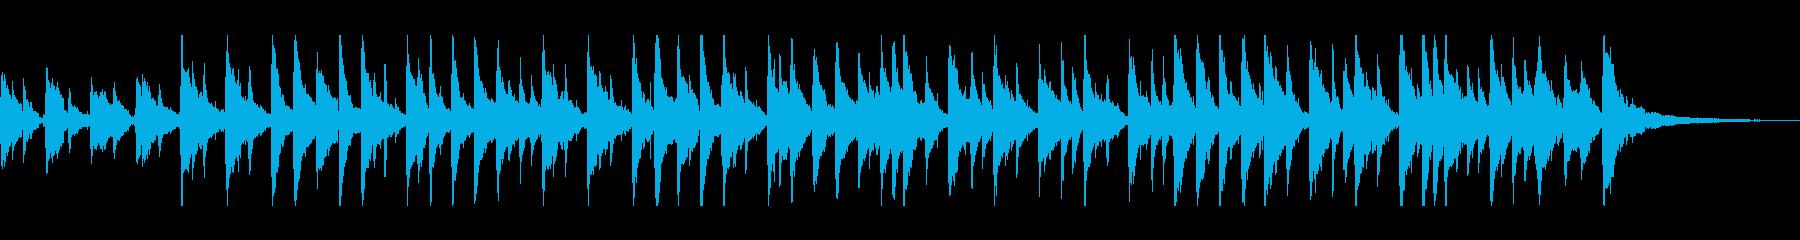 しっとりと穏やかなアコギサウンドの再生済みの波形